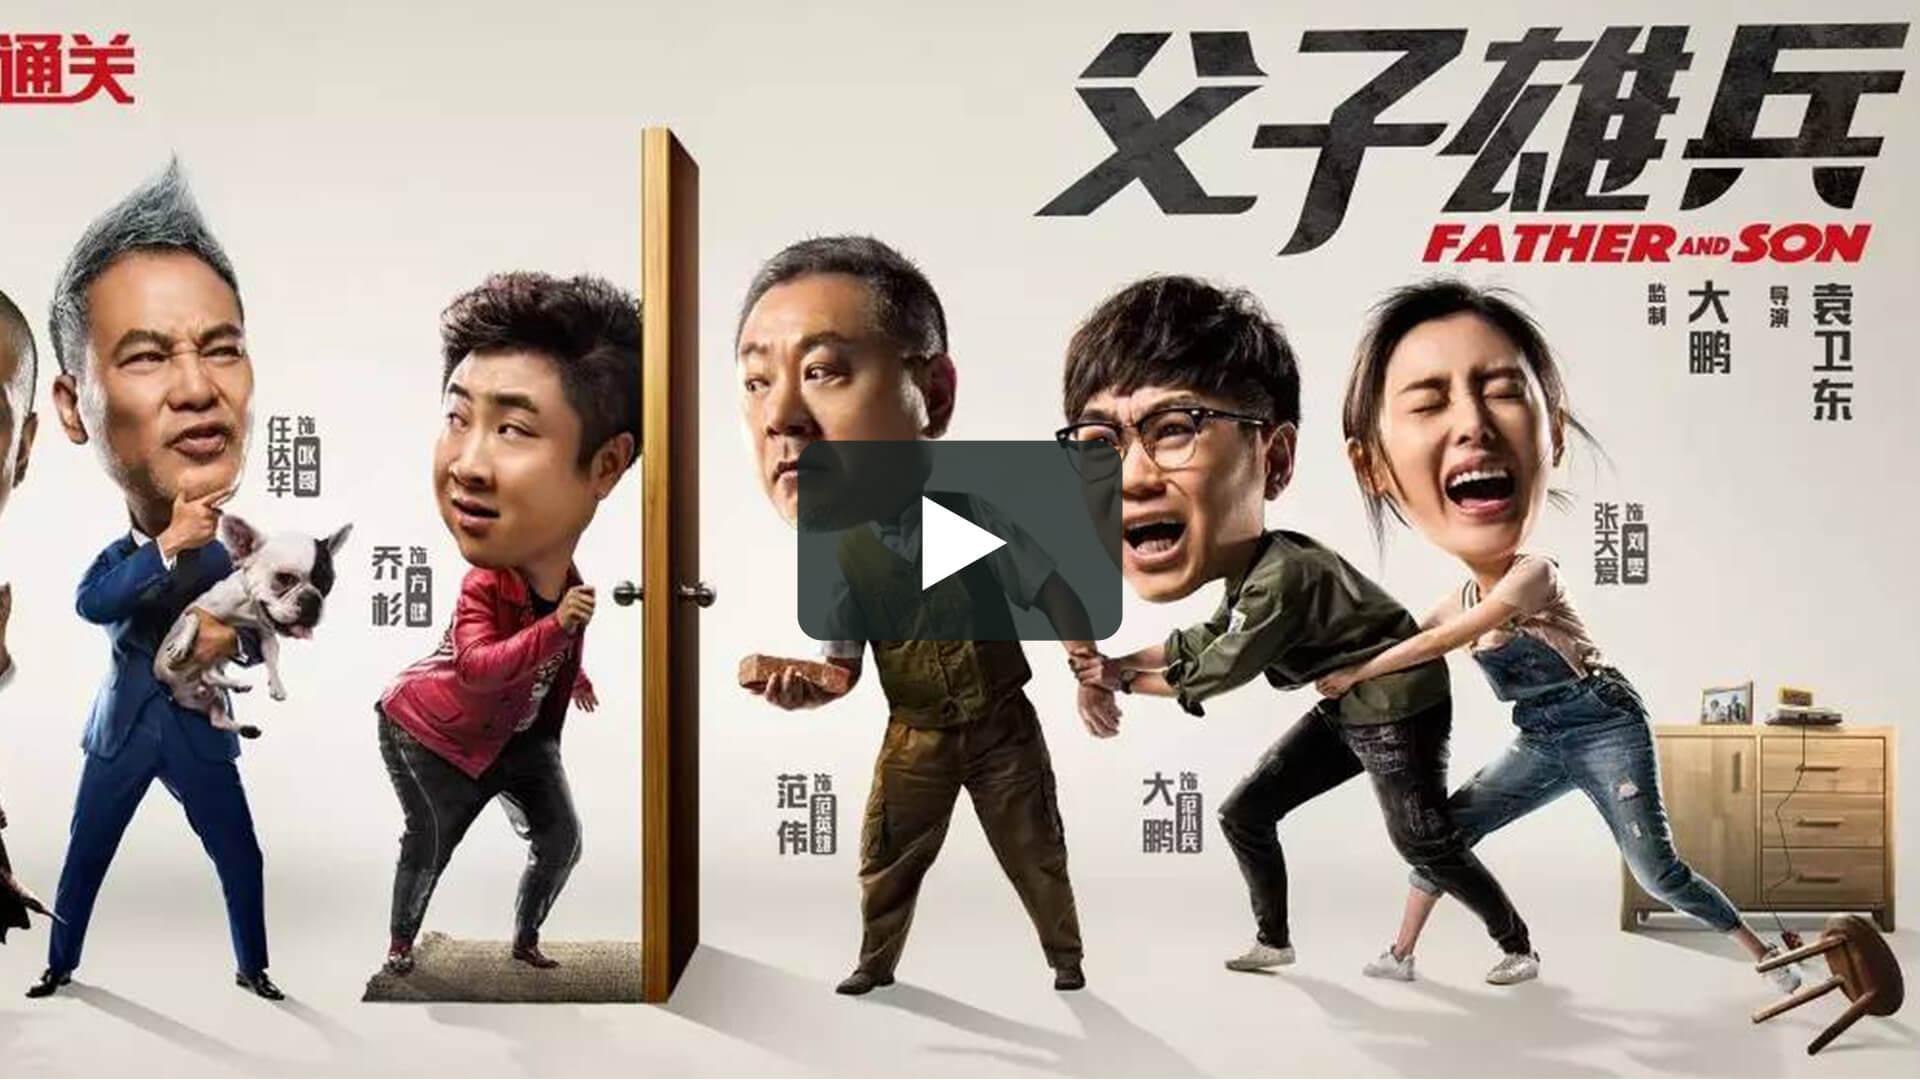 父子雄兵 - Father and Son